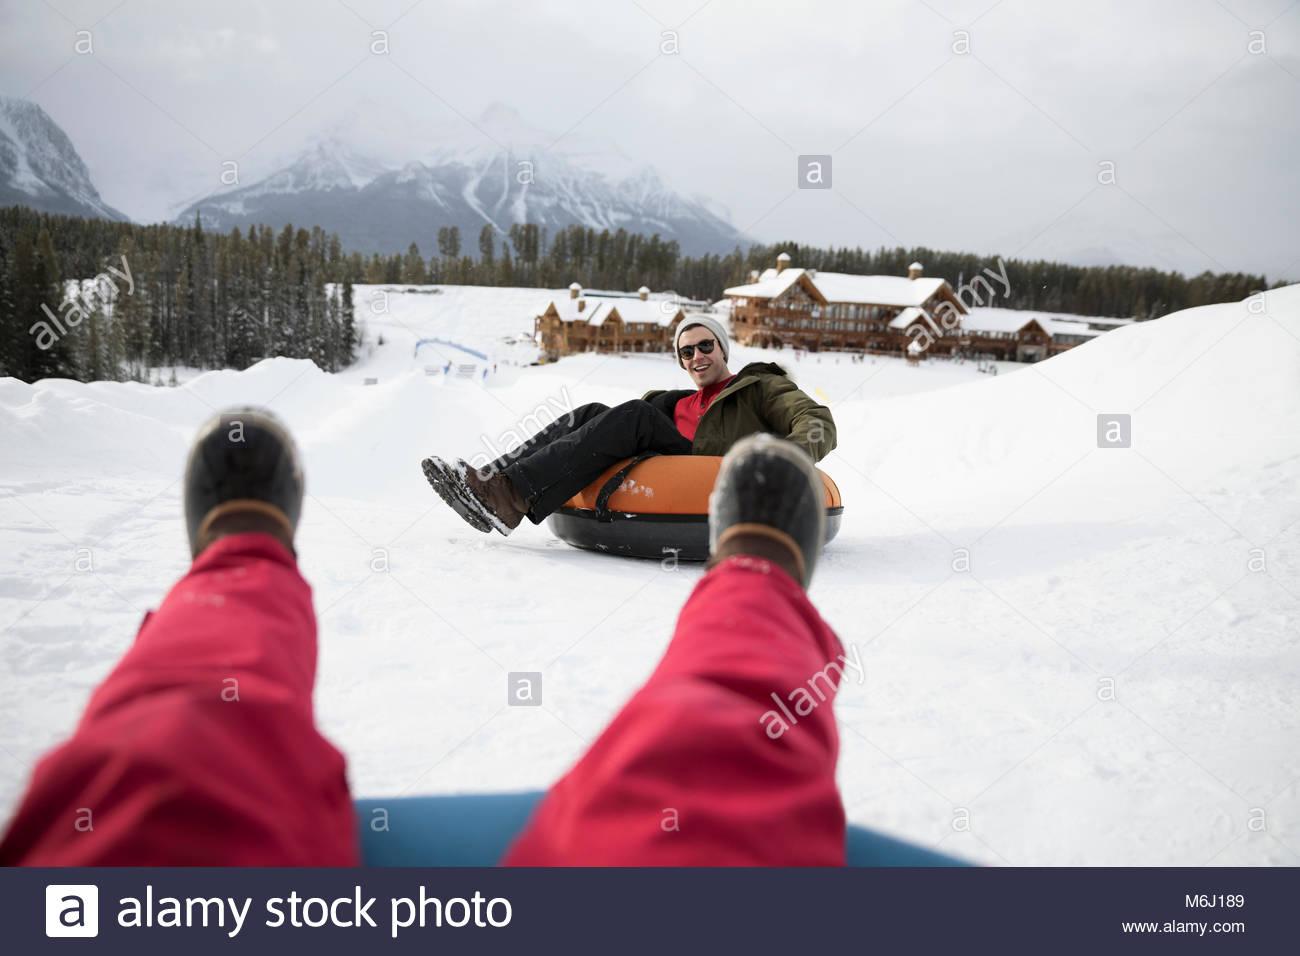 Persönliche Perspektive Freunde Reiten innere Rohre im Schnee Ski Resort Stockbild